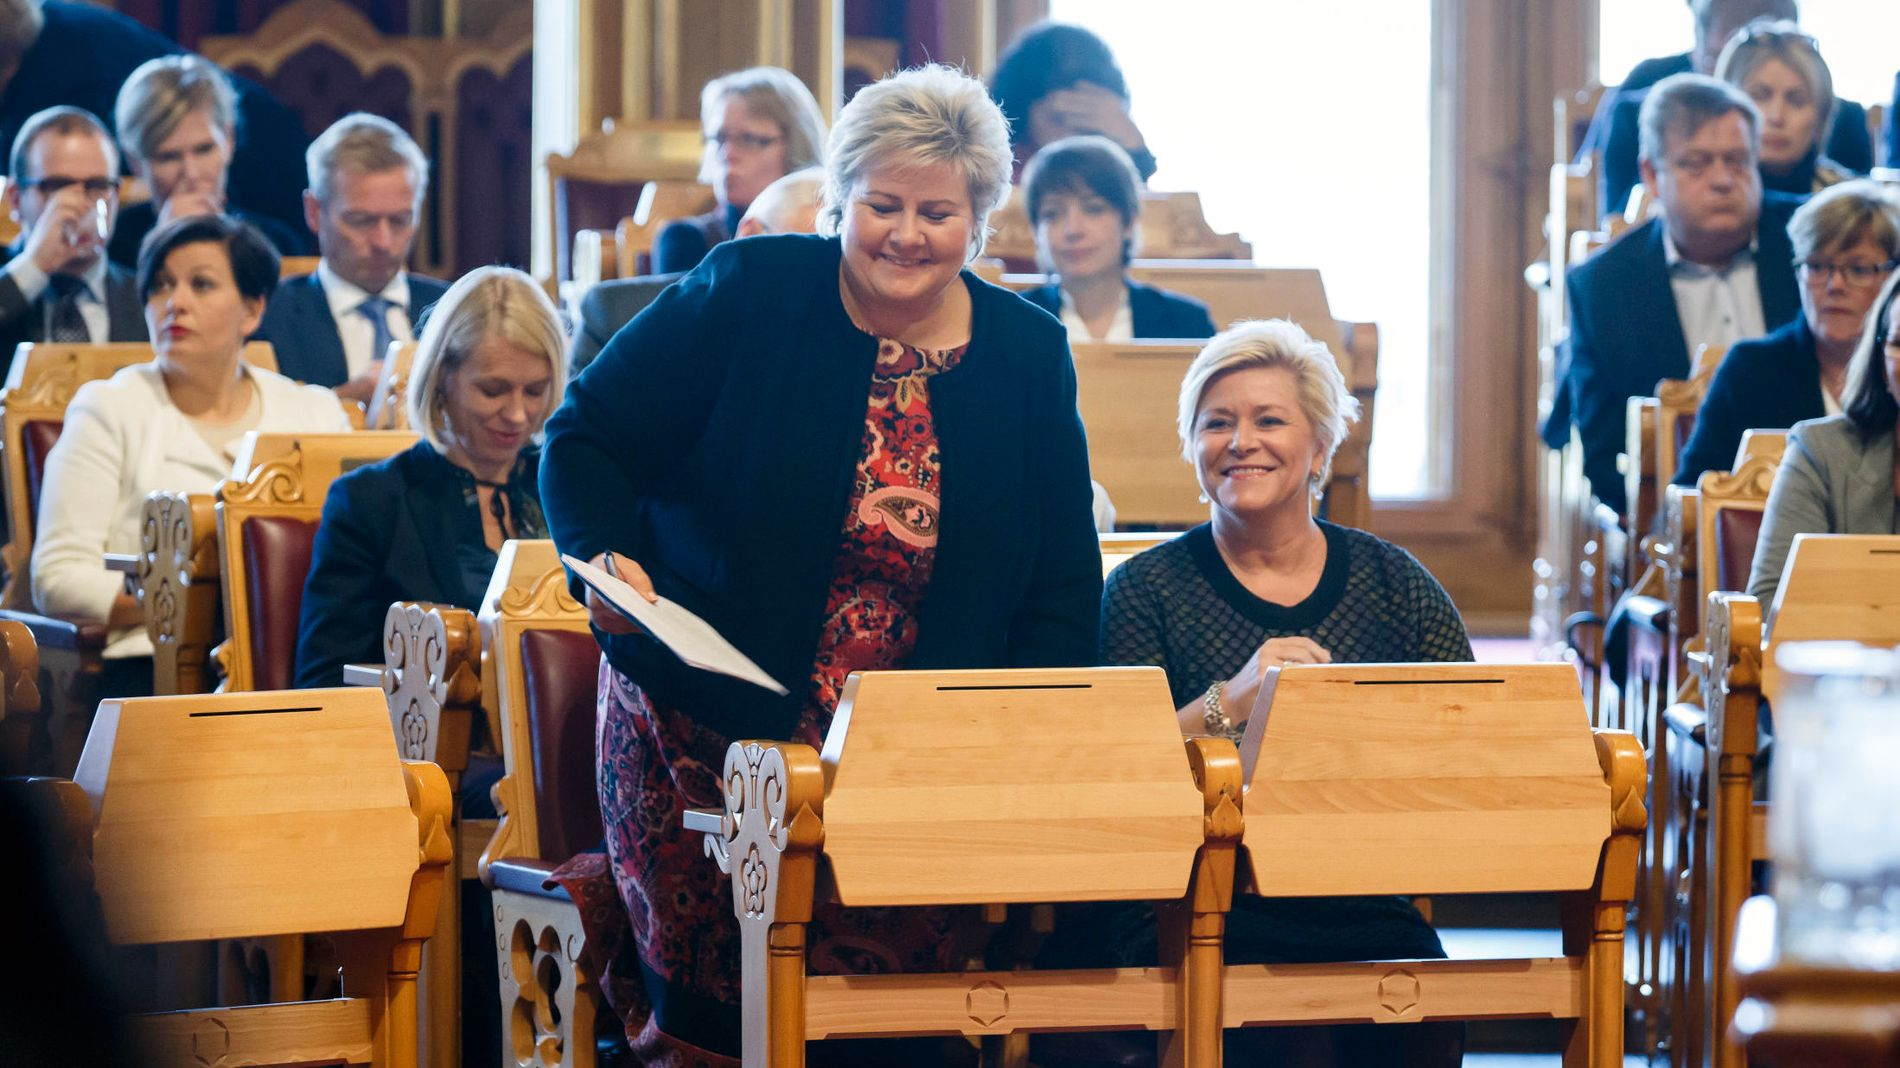 KUTTER I FORMUESSKATTEN: Statsminister Erna Solberg (t.v) og finansminister Siv Jensen fotografert under trontaledebatten i Stortinget i høst.